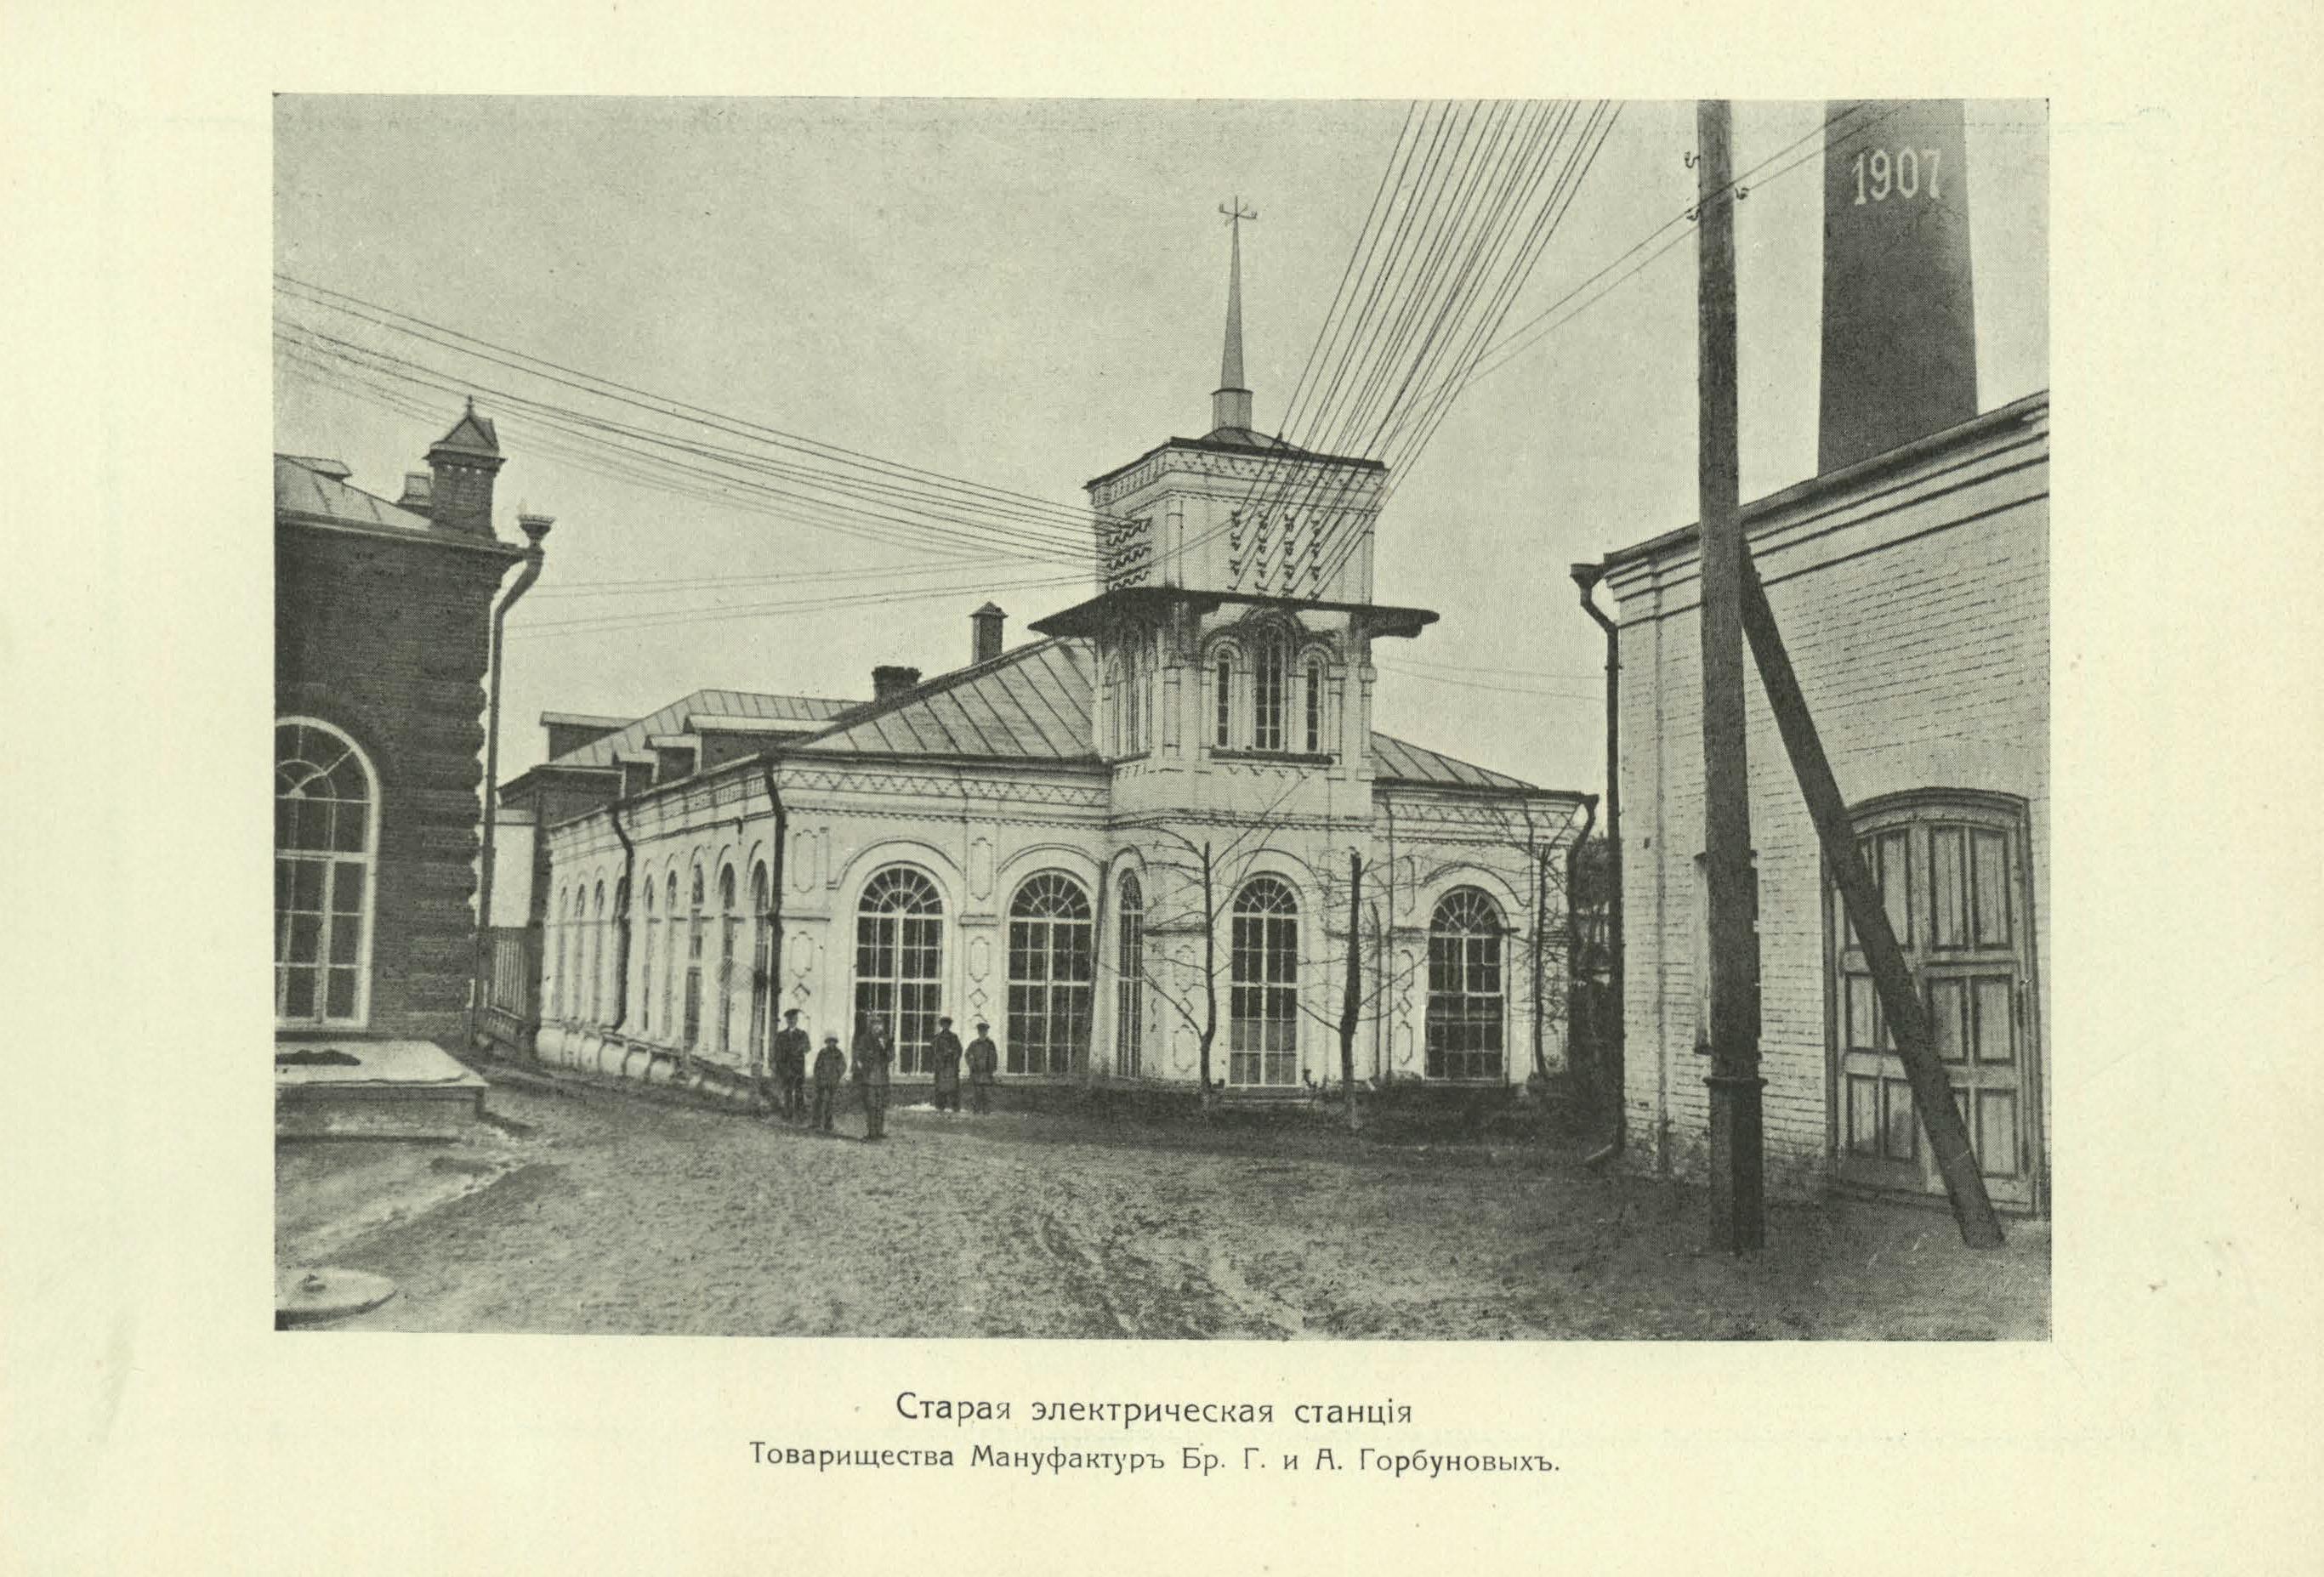 016. Старая электрическая станция